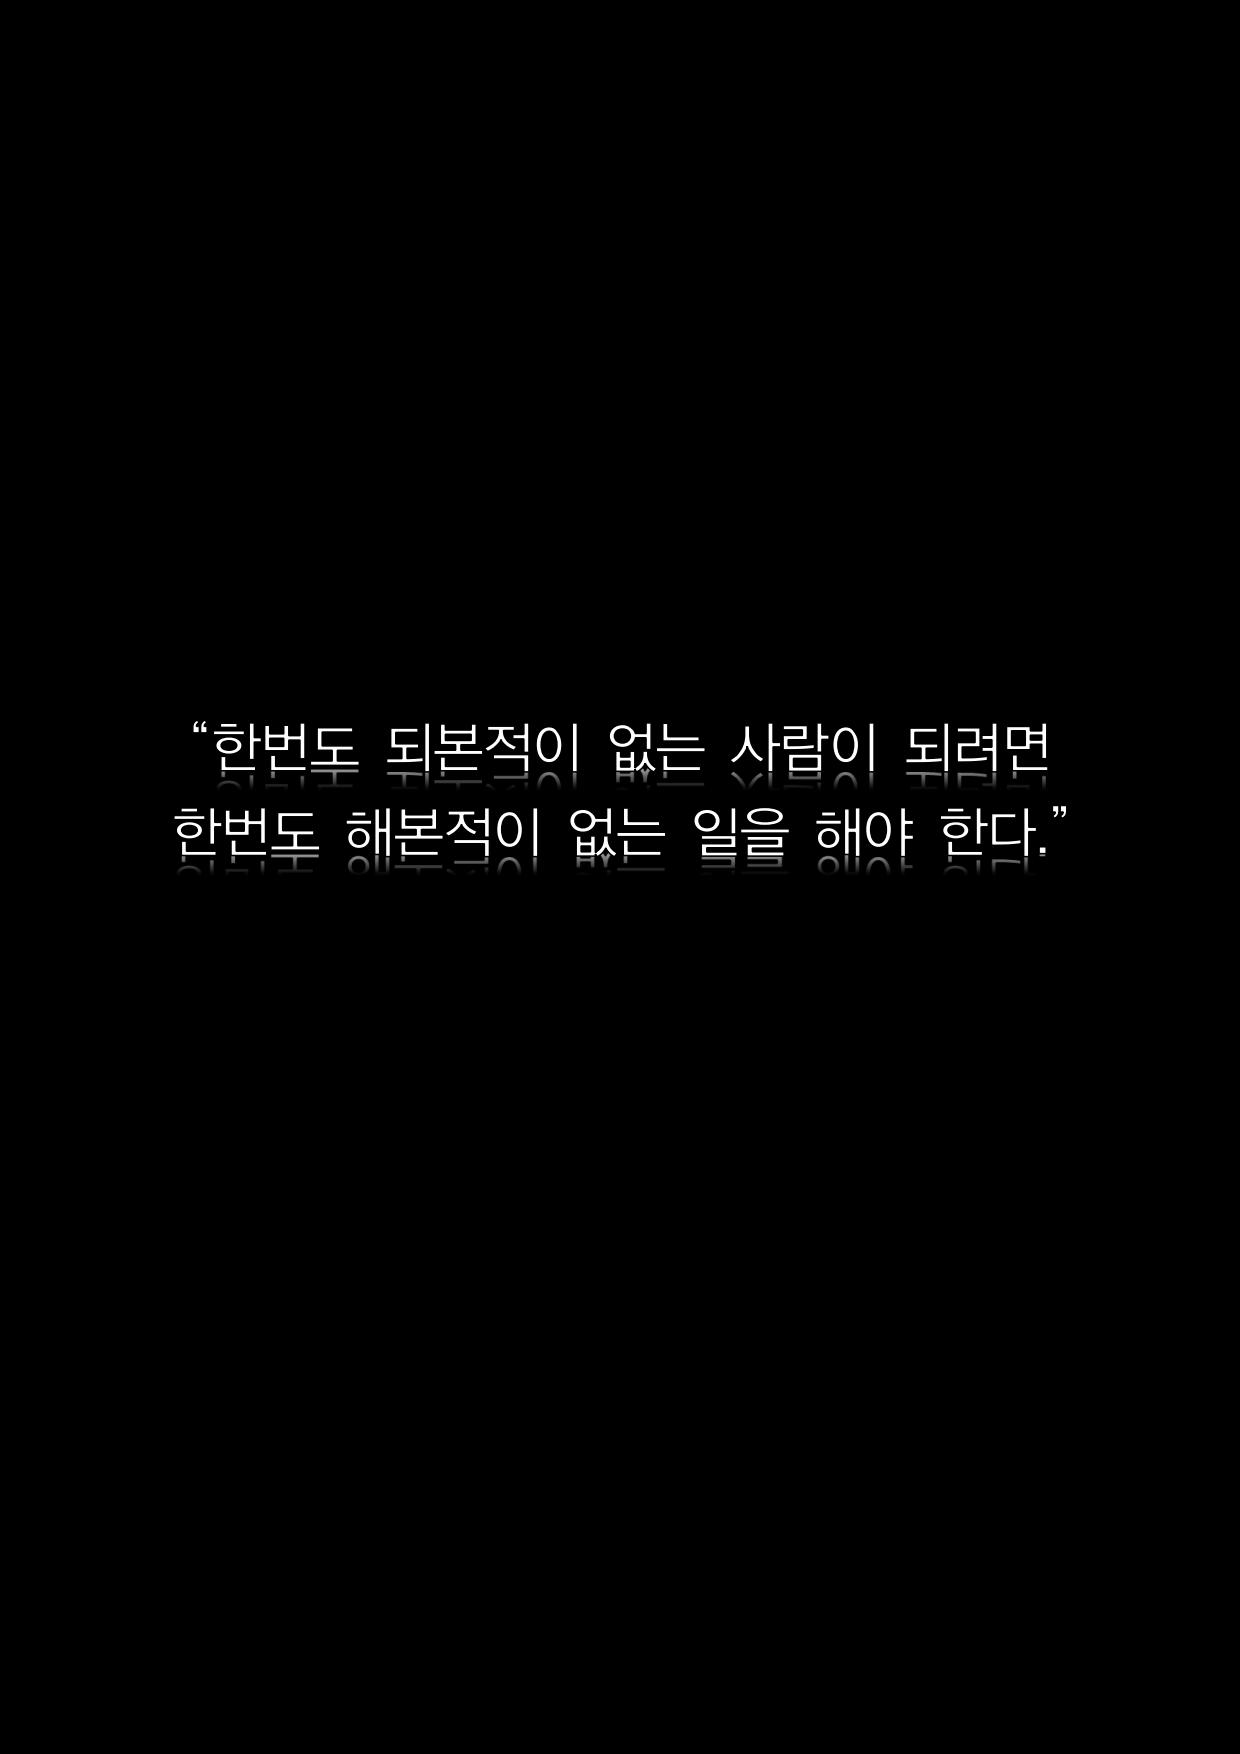 본 머티리어 1회차 홍보글(폰트 포함)_44.png